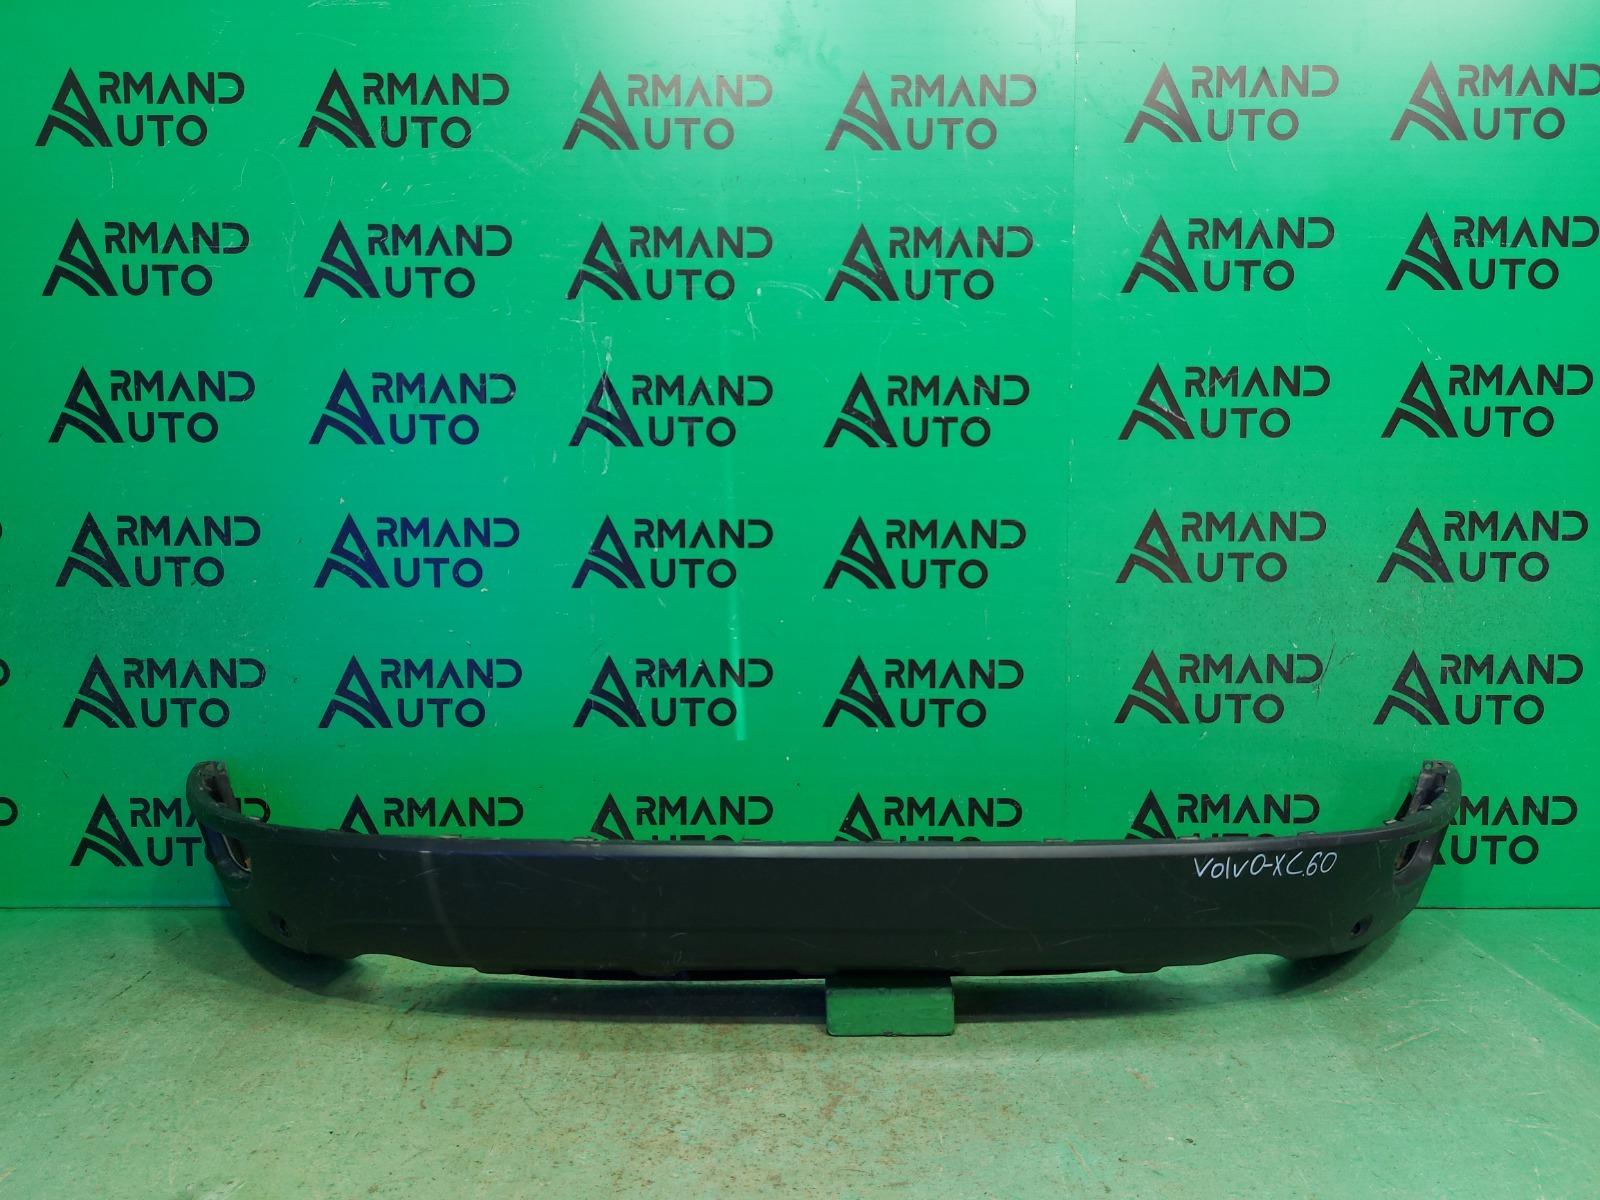 Юбка бампера Volvo Xc60 1 2008 задняя (б/у)